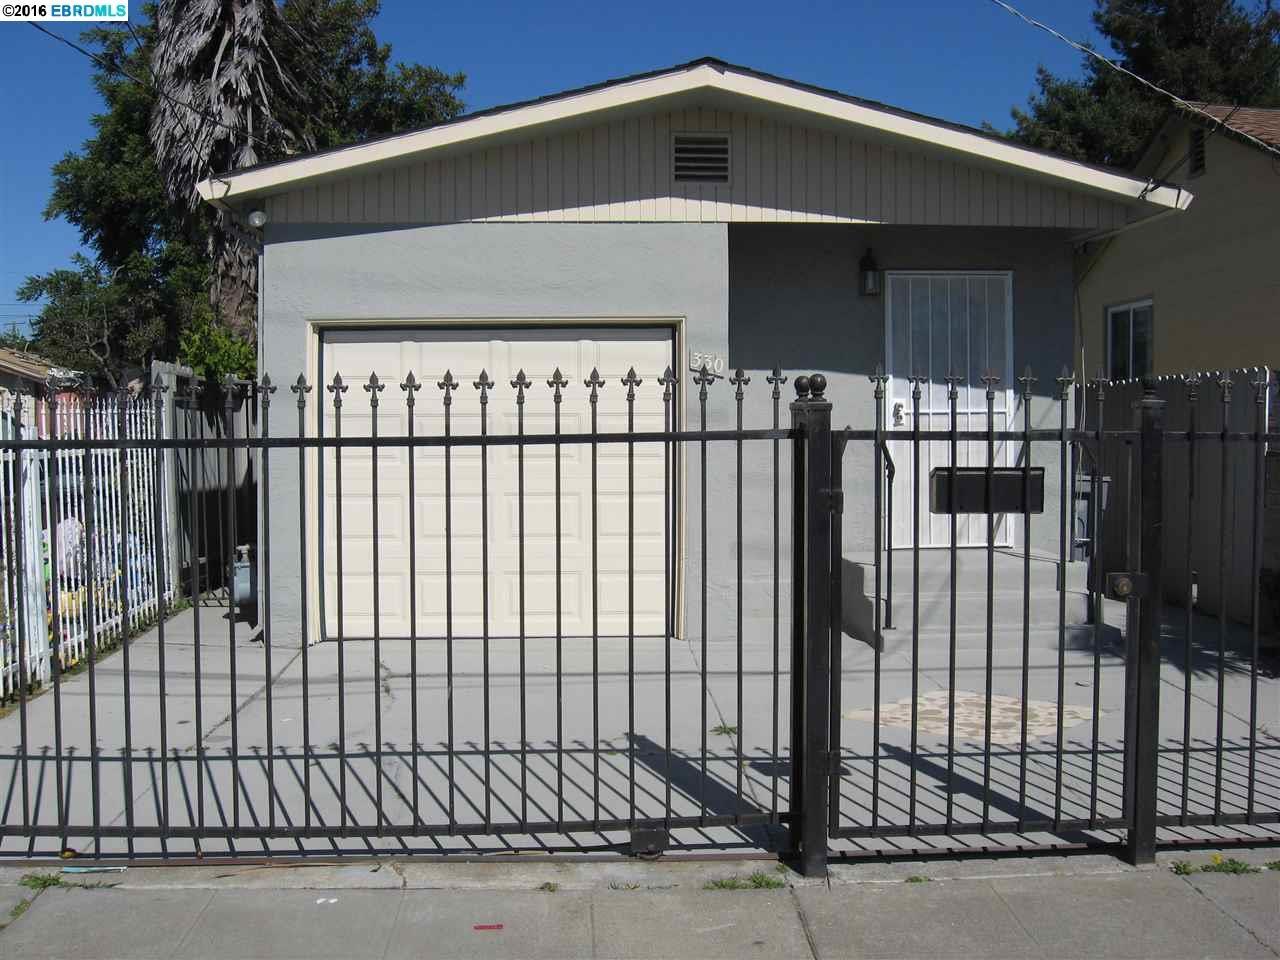 , RICHMOND, CA 94804